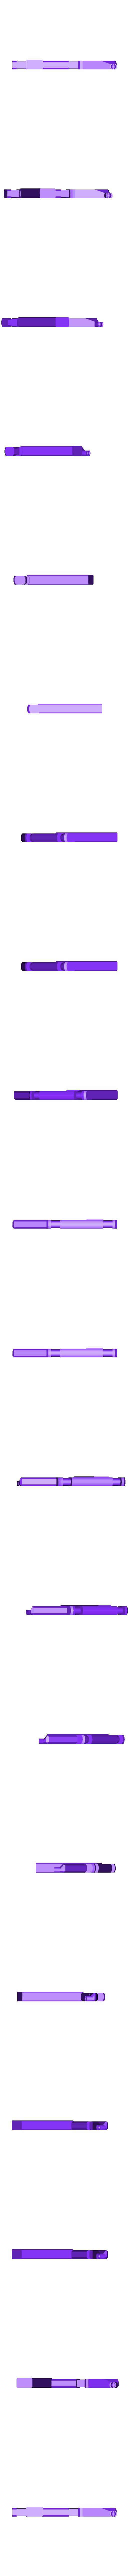 throttle_hinge.stl Télécharger fichier STL gratuit Joystick PS4 • Design à imprimer en 3D, Osichan